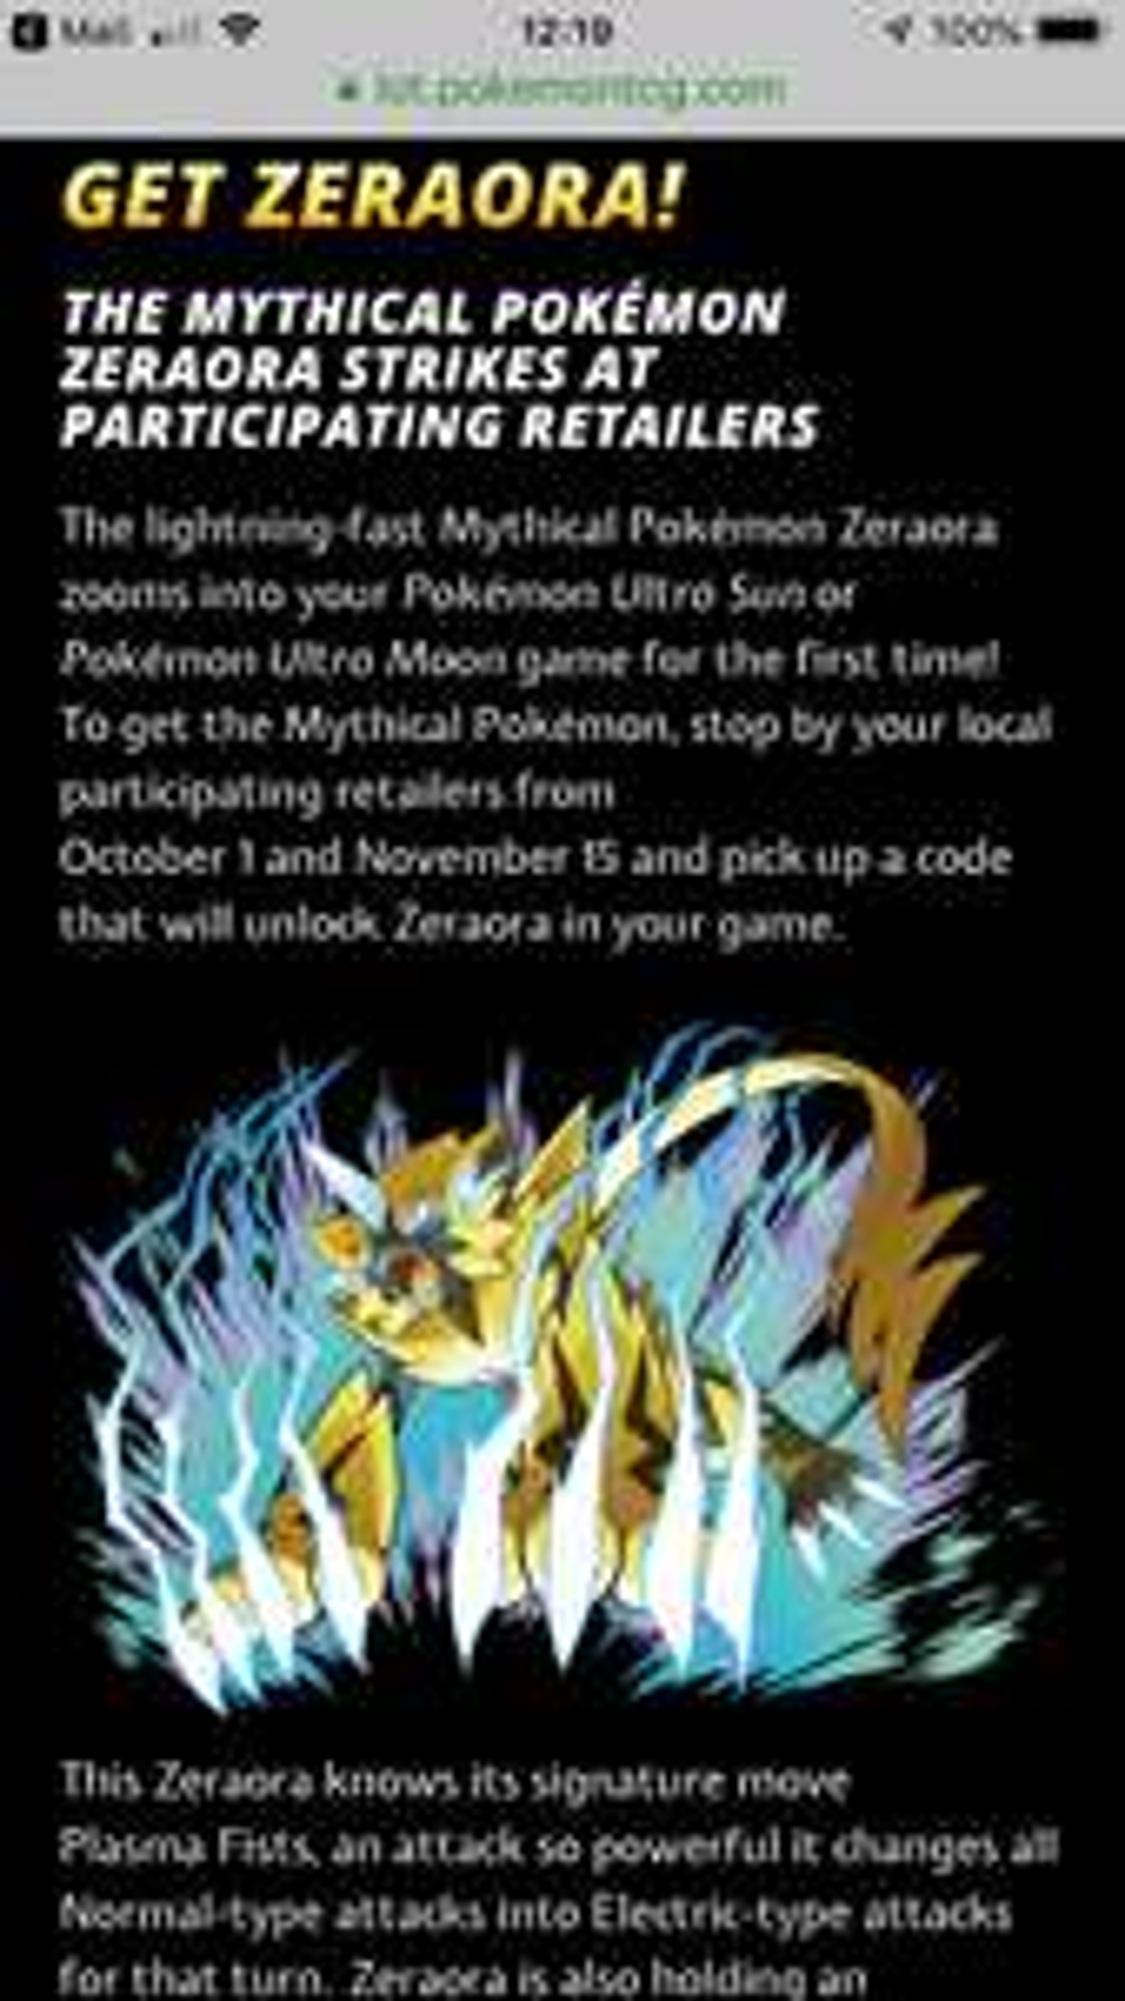 Free mythical Pokemon zeraora